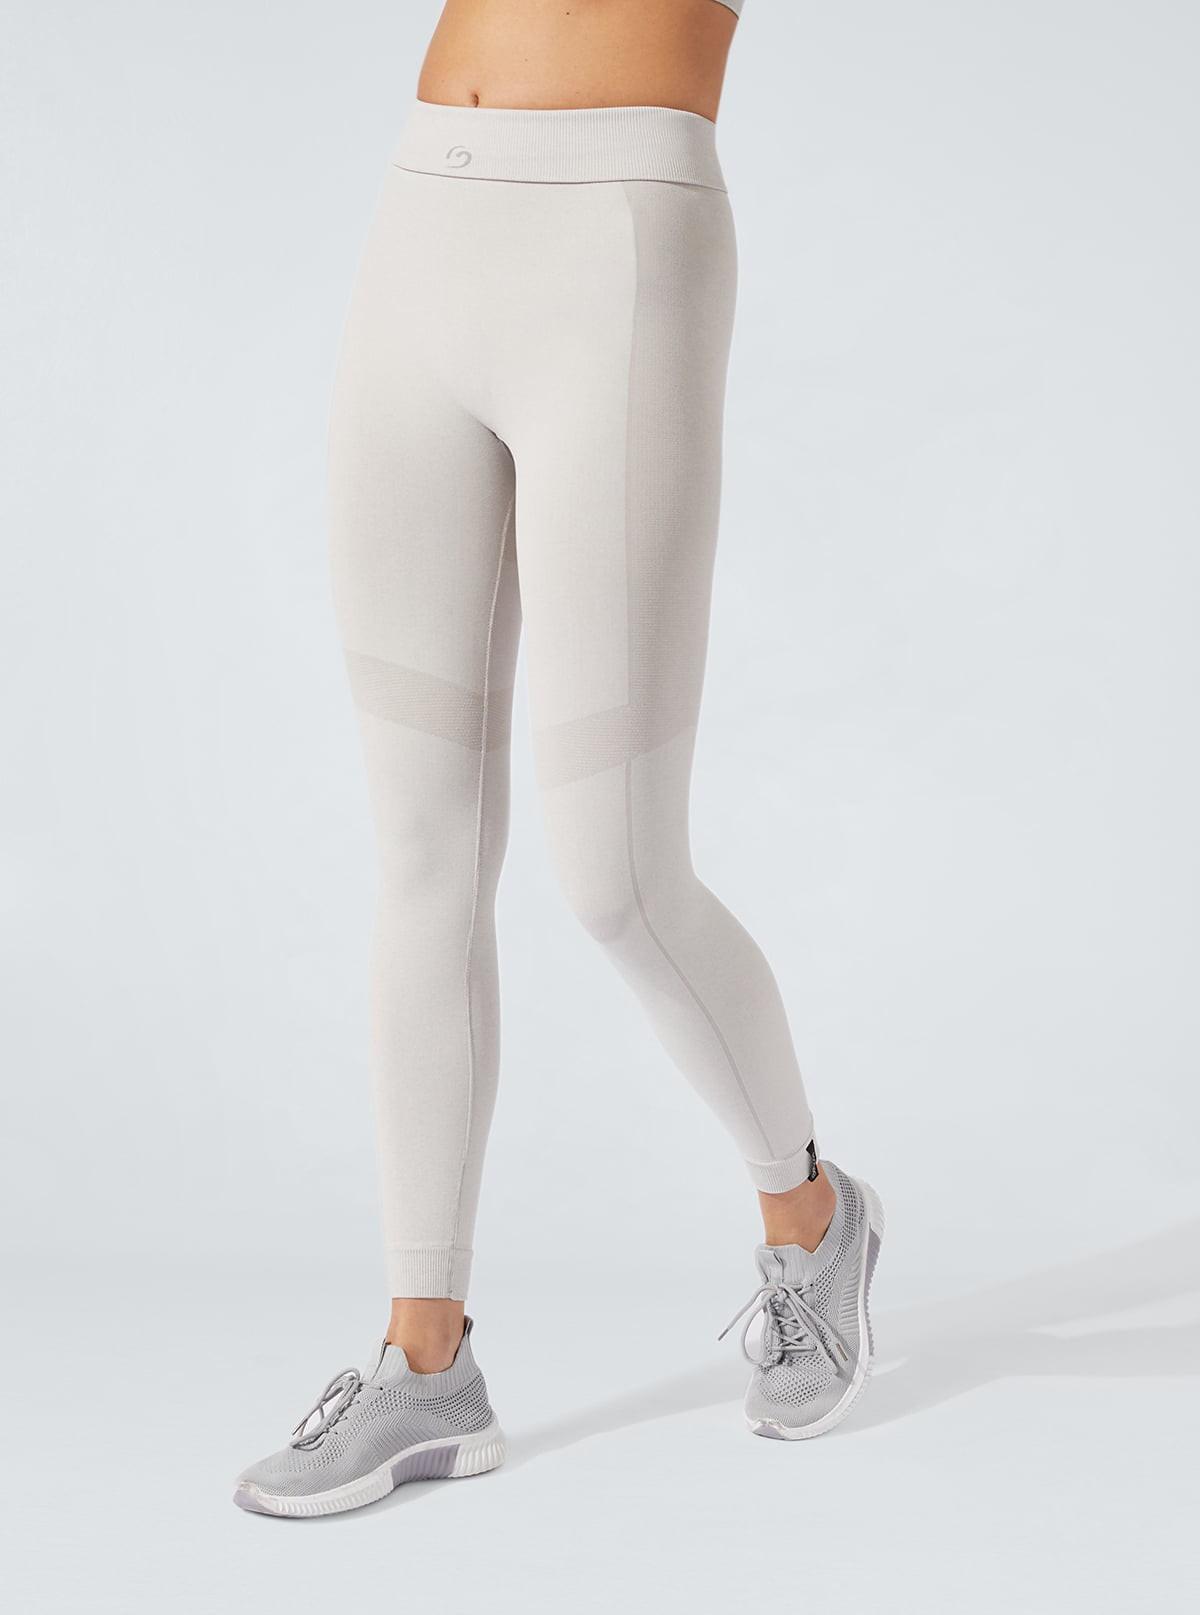 Legging Sport melange tono su tono drenanti e idratanti